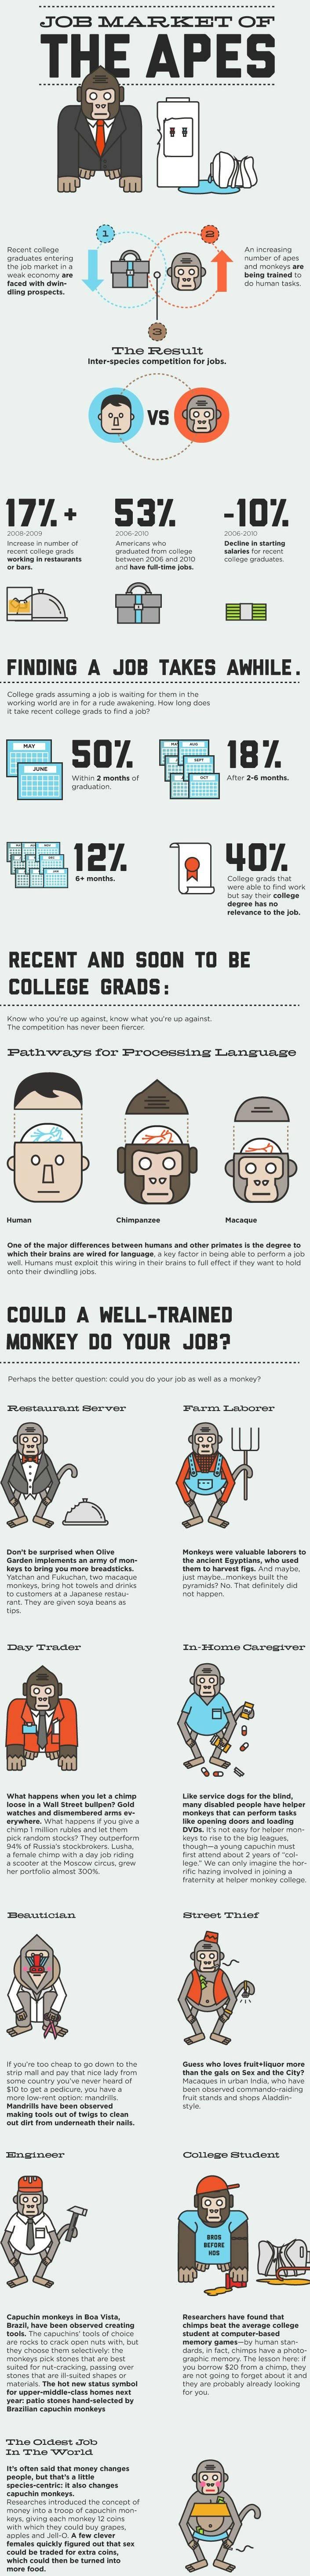 ¿Puede un simio hacer tu trabajo?